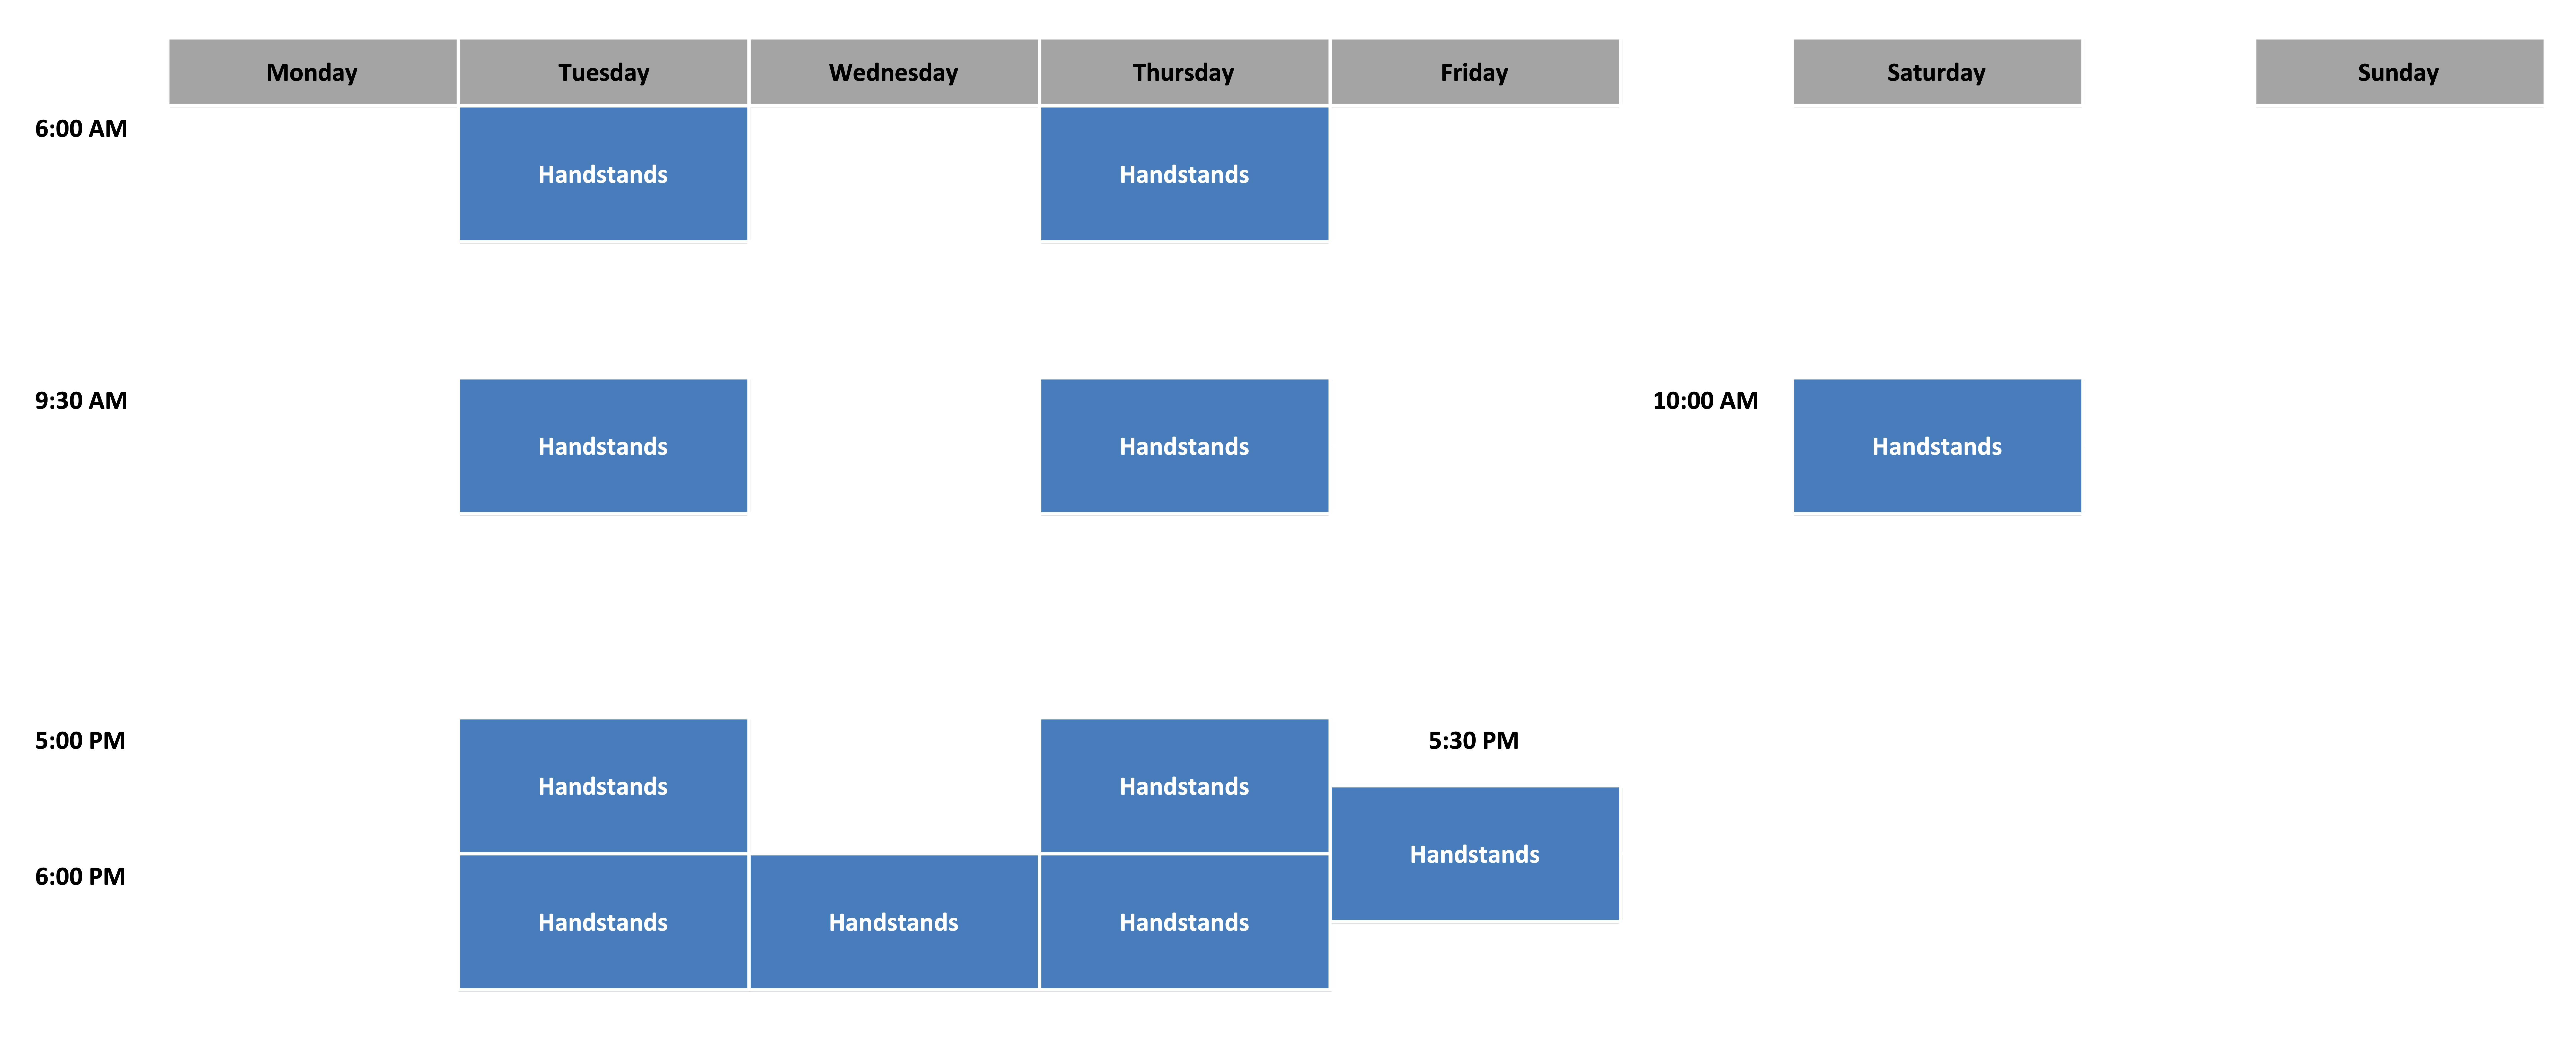 Handstands Schedule - July 2021